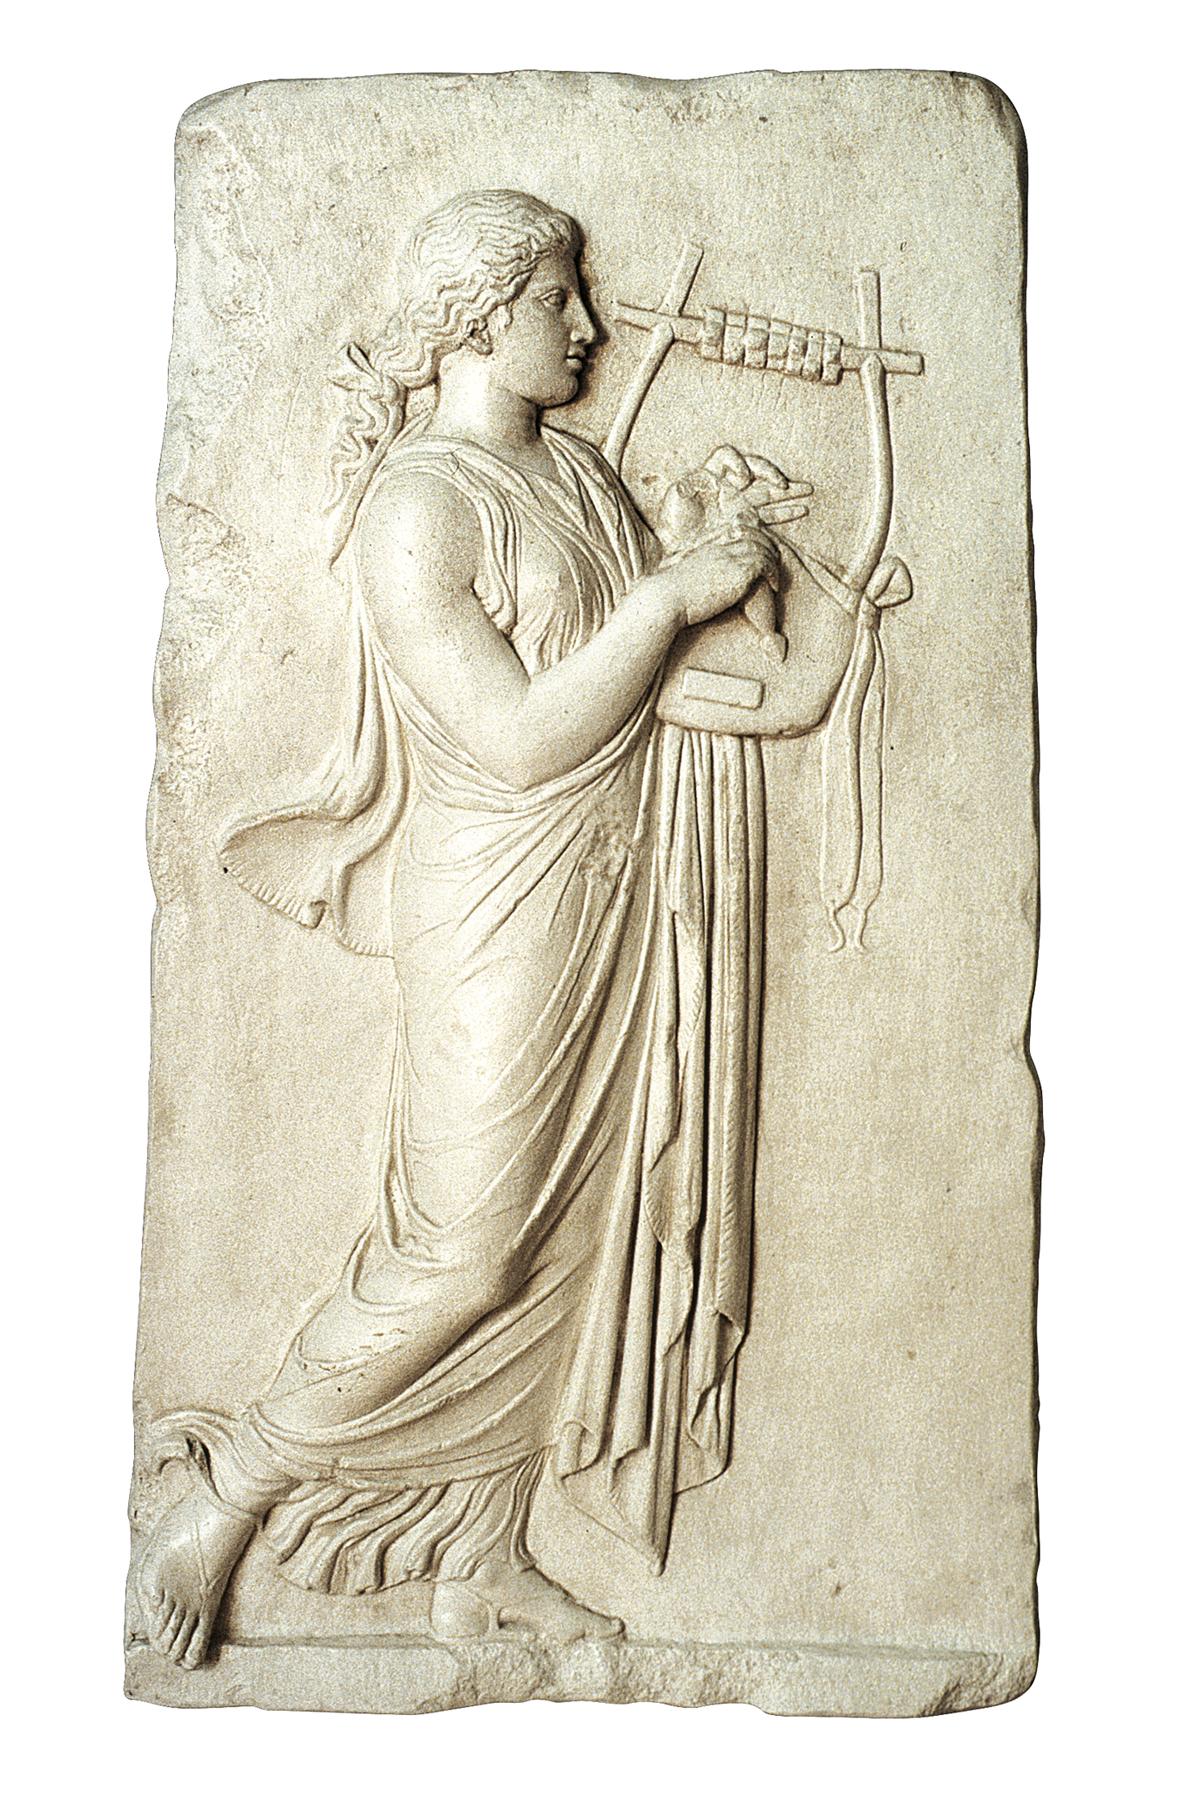 Suonatrice di Lyra (scultura in gesso)